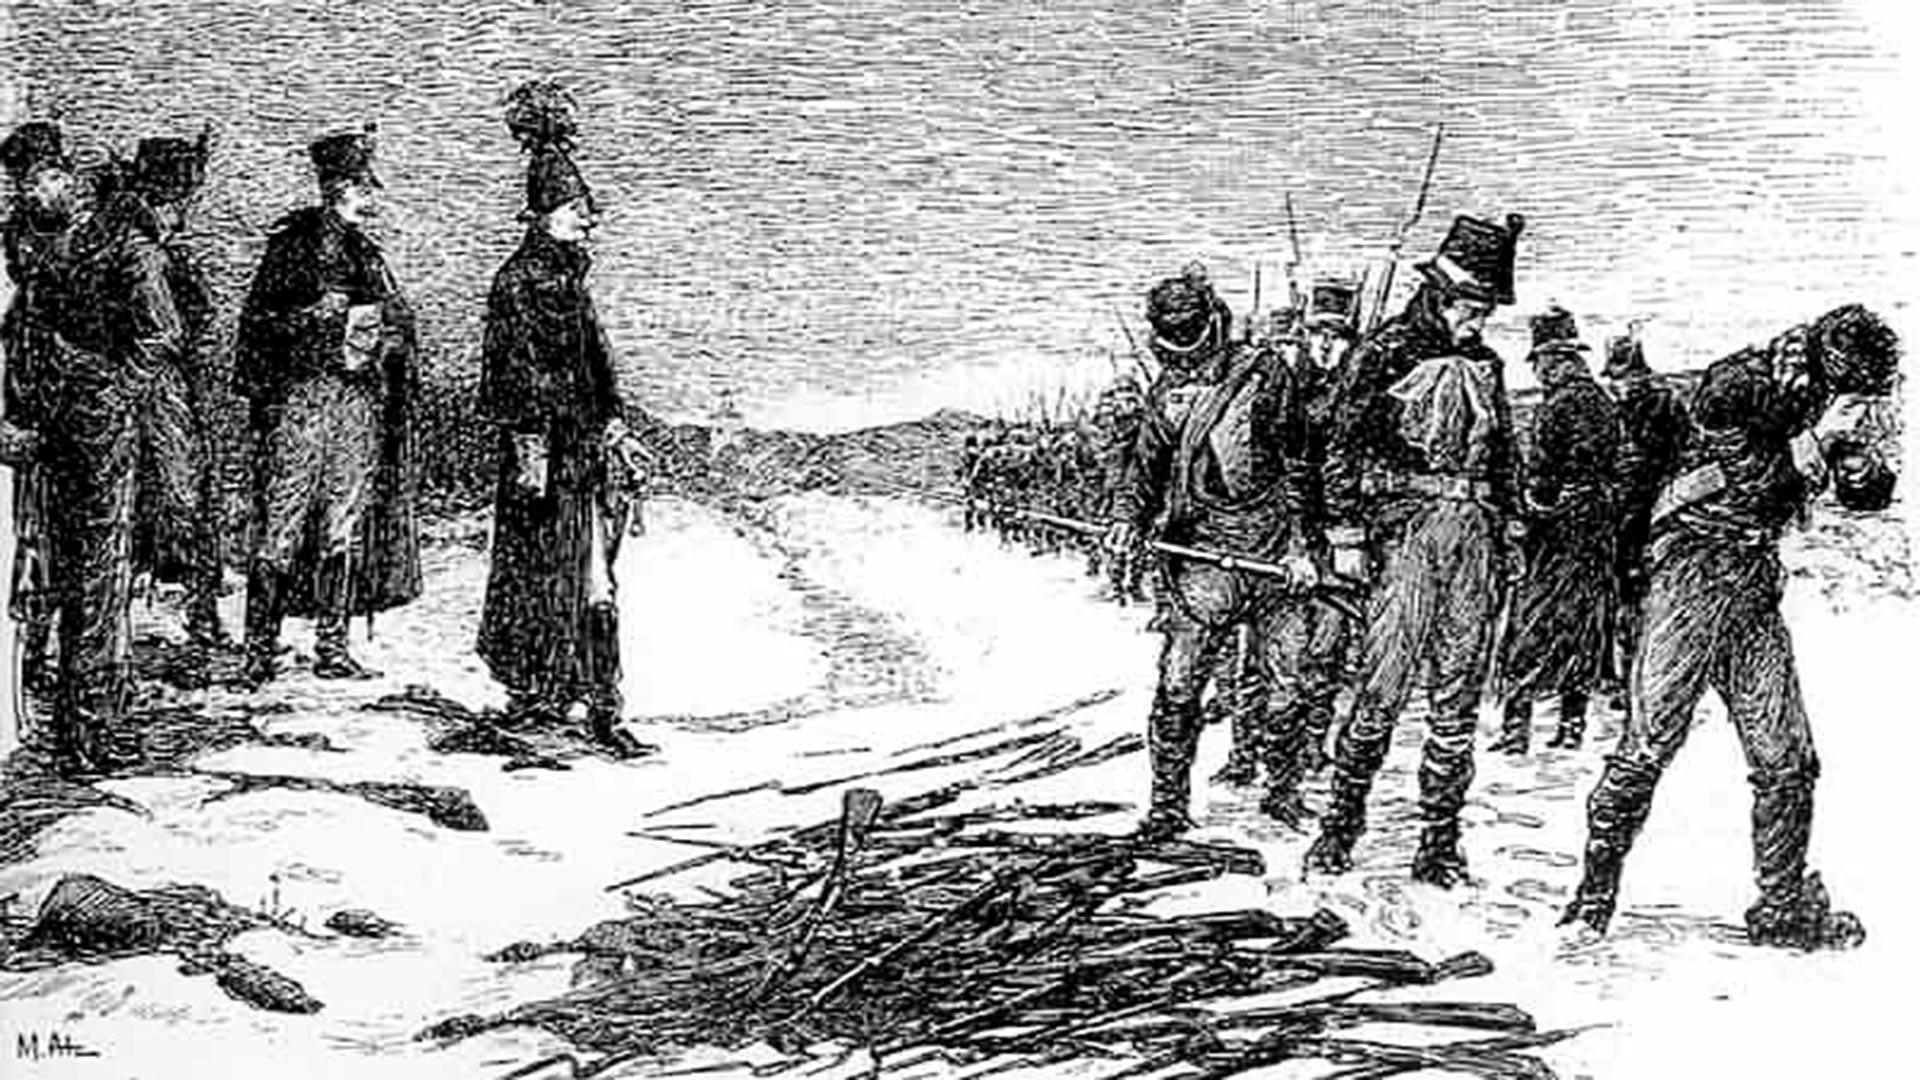 Suecos se rendem na Finlândia em 1808